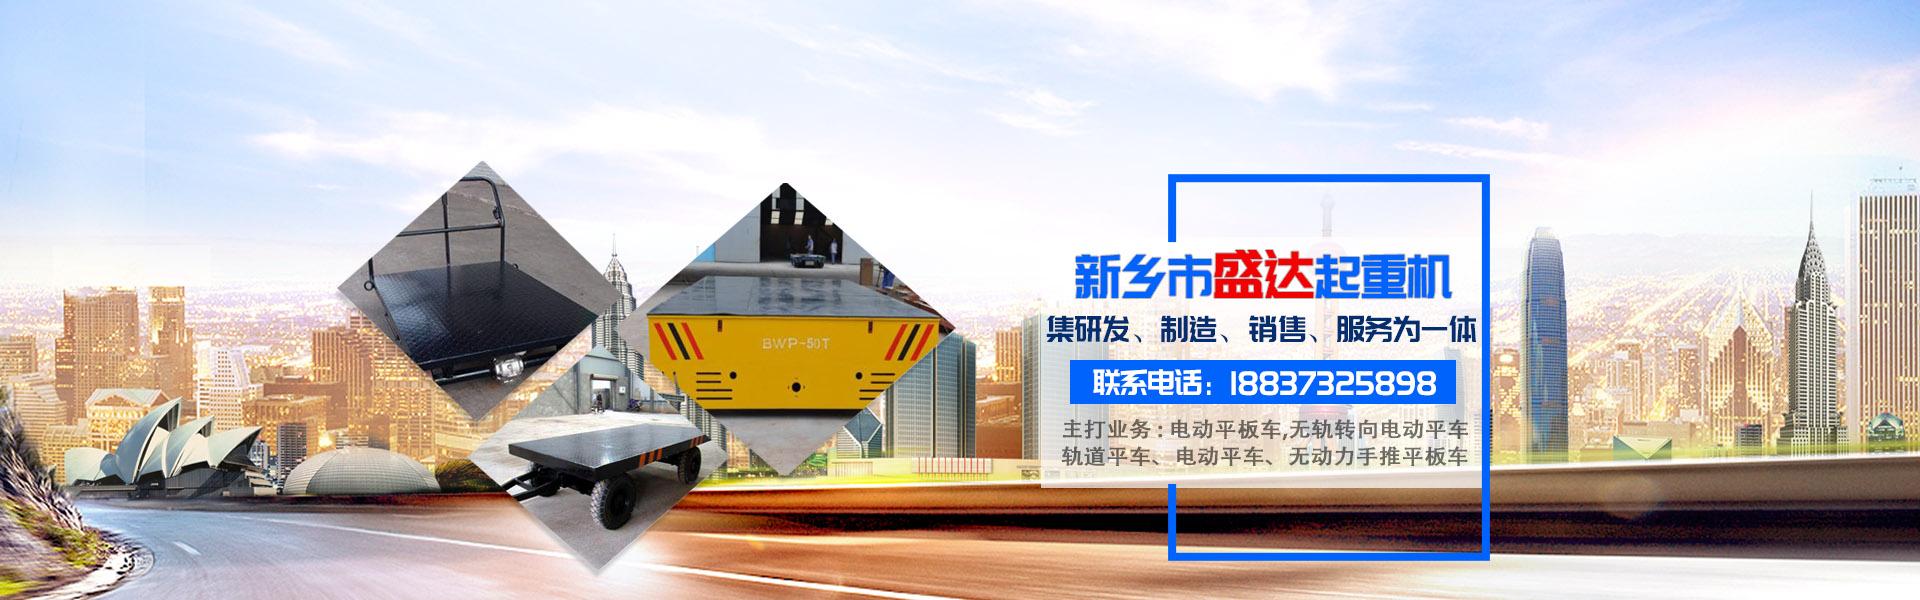 无轨转向电动平车